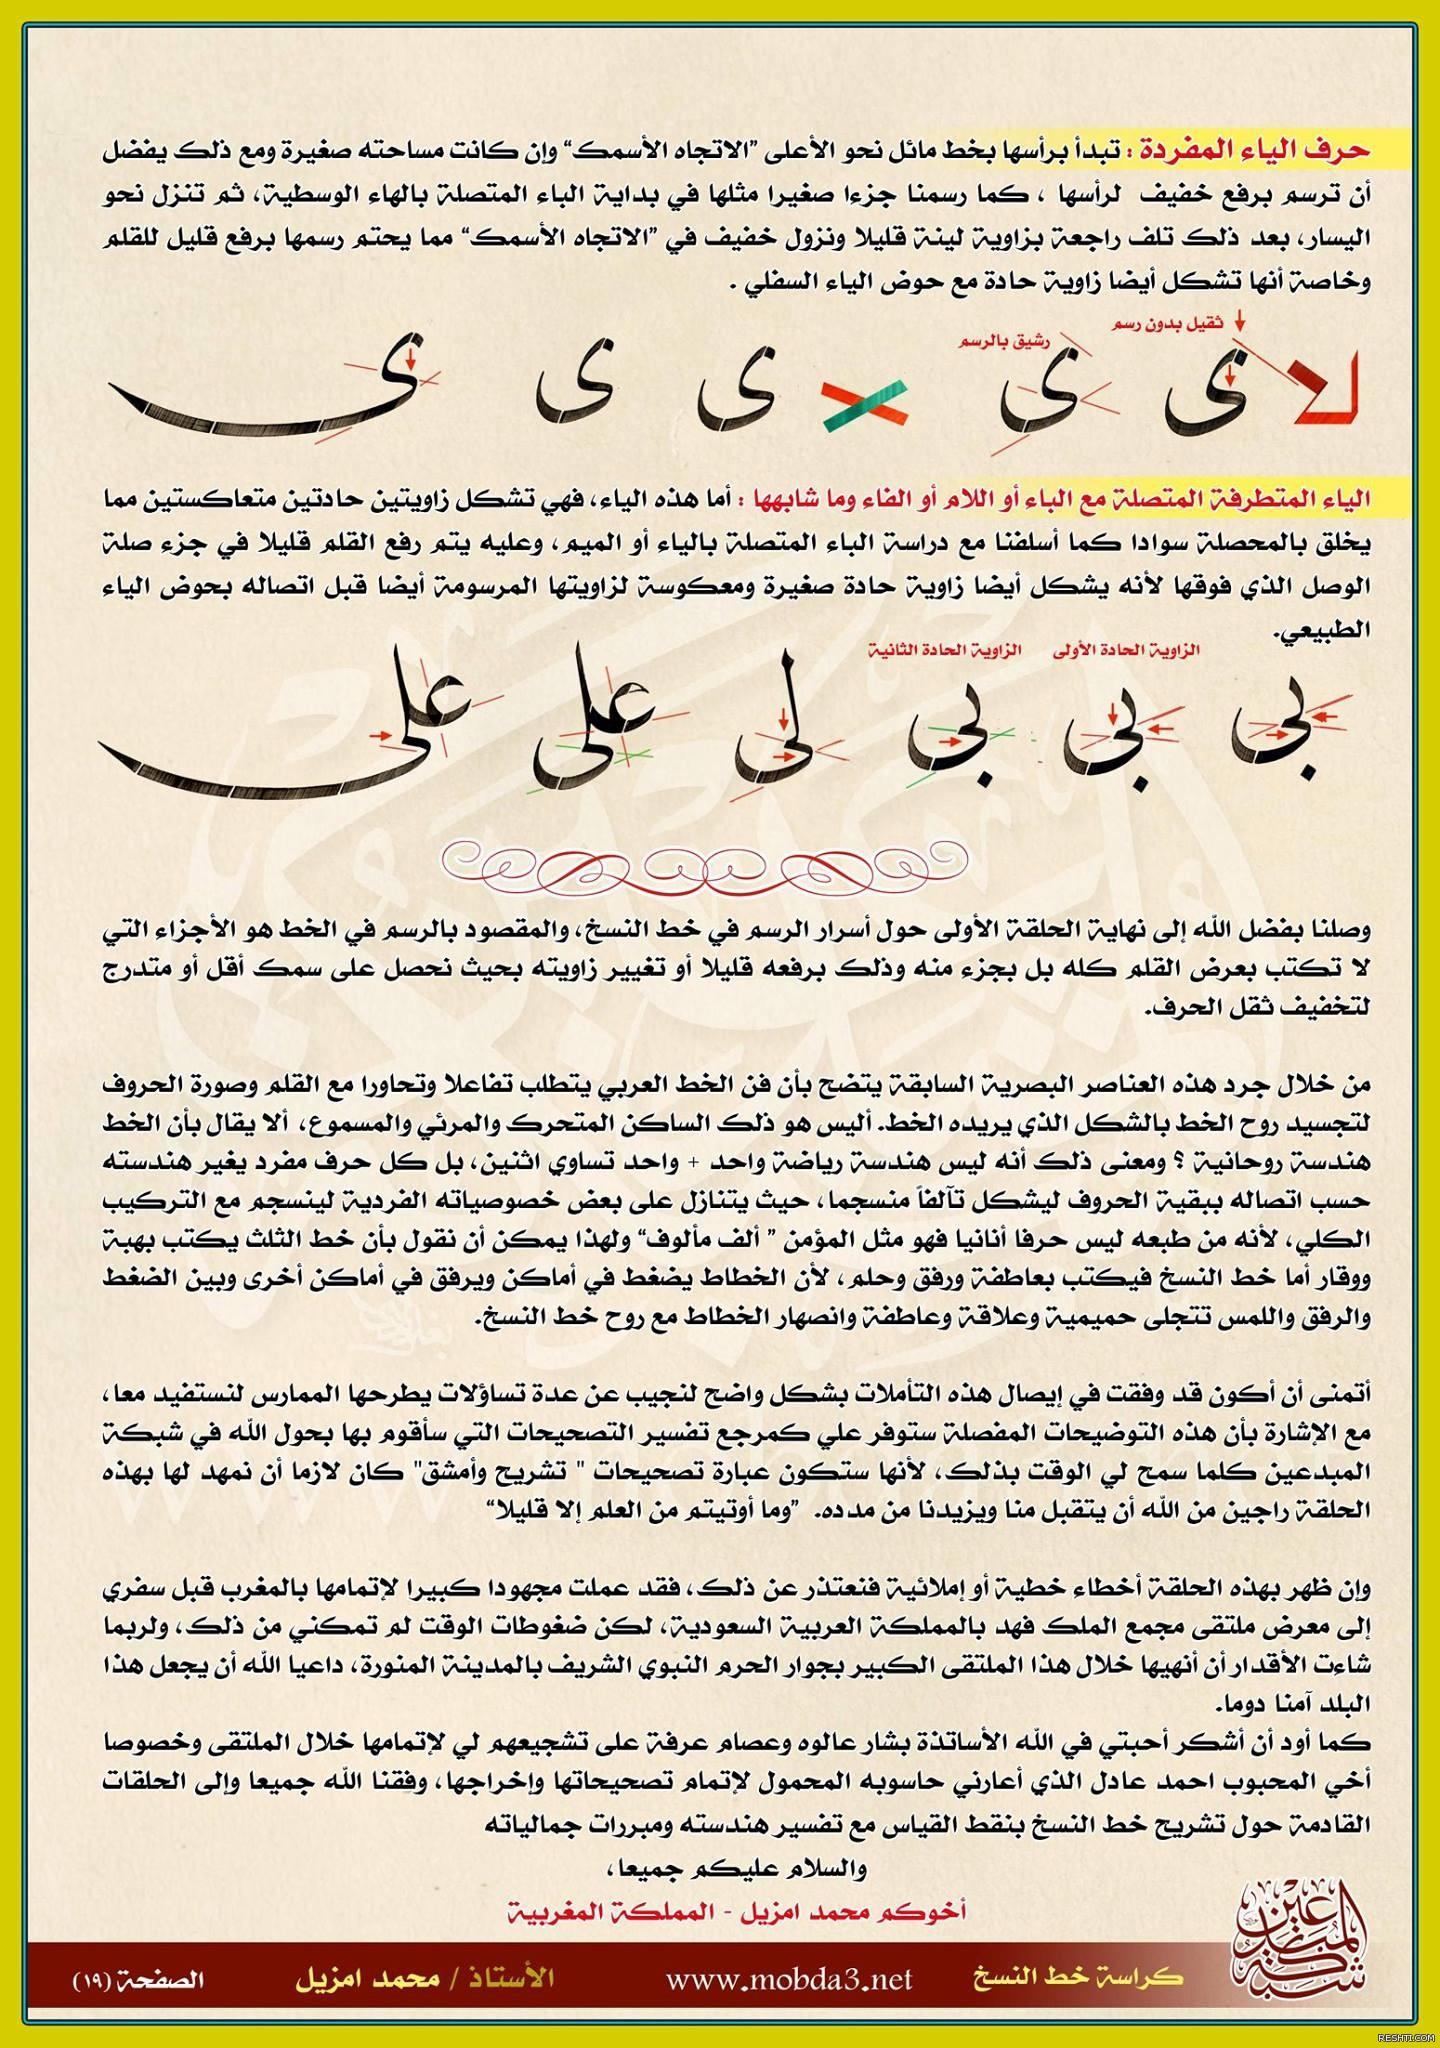 أسرار الرسم في خط النسخ - محمد أمزيل 1